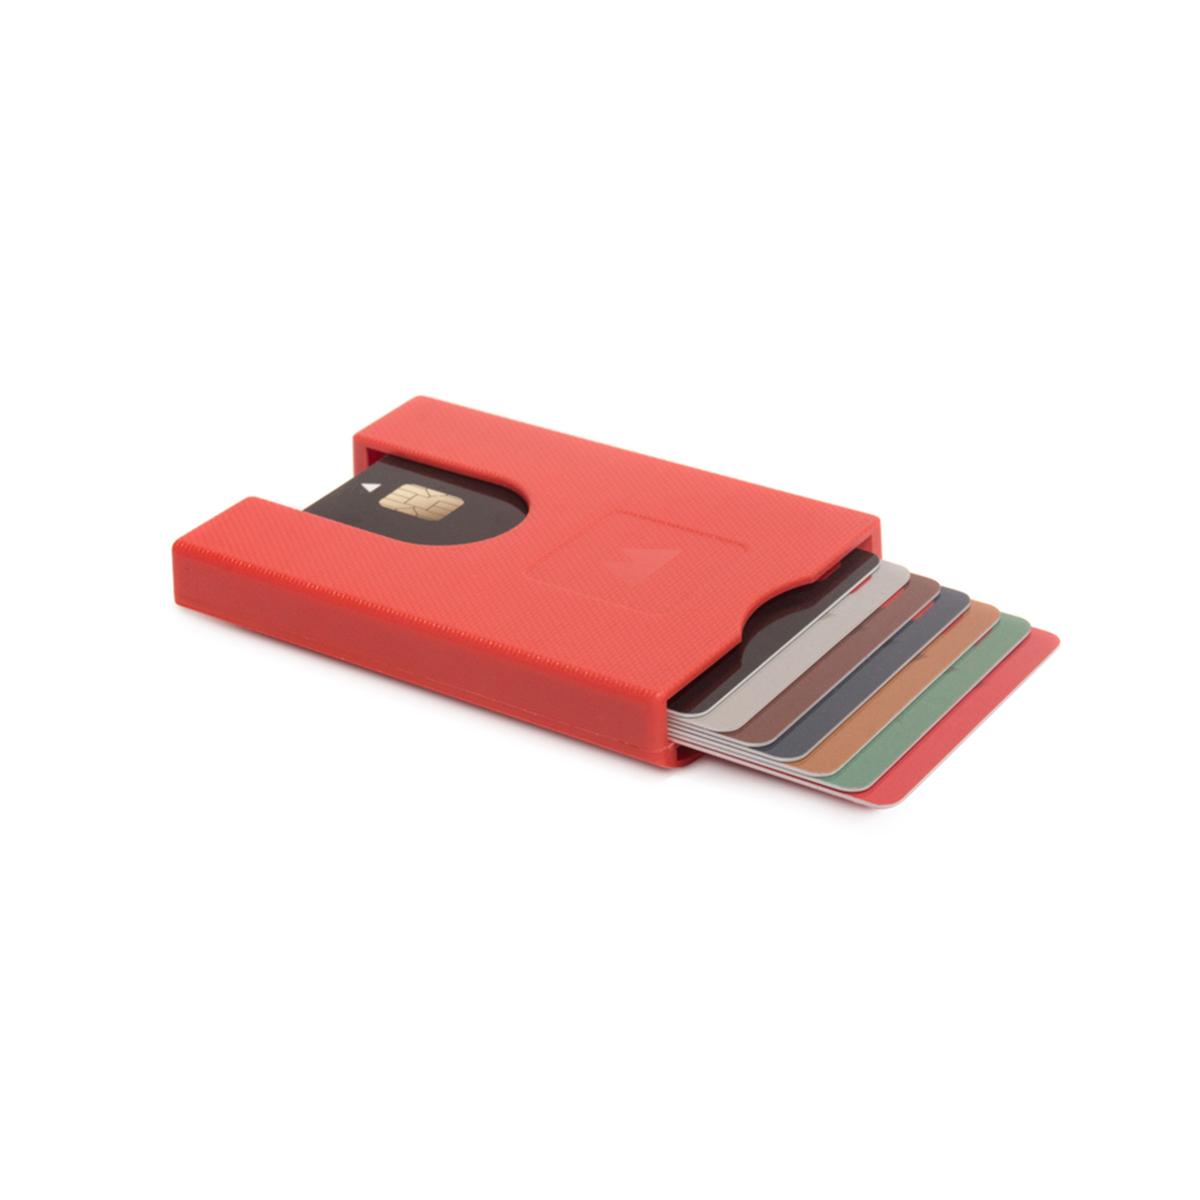 荷兰原产WALTER WALLET多卡合一卡包卡套卡夹 深红色